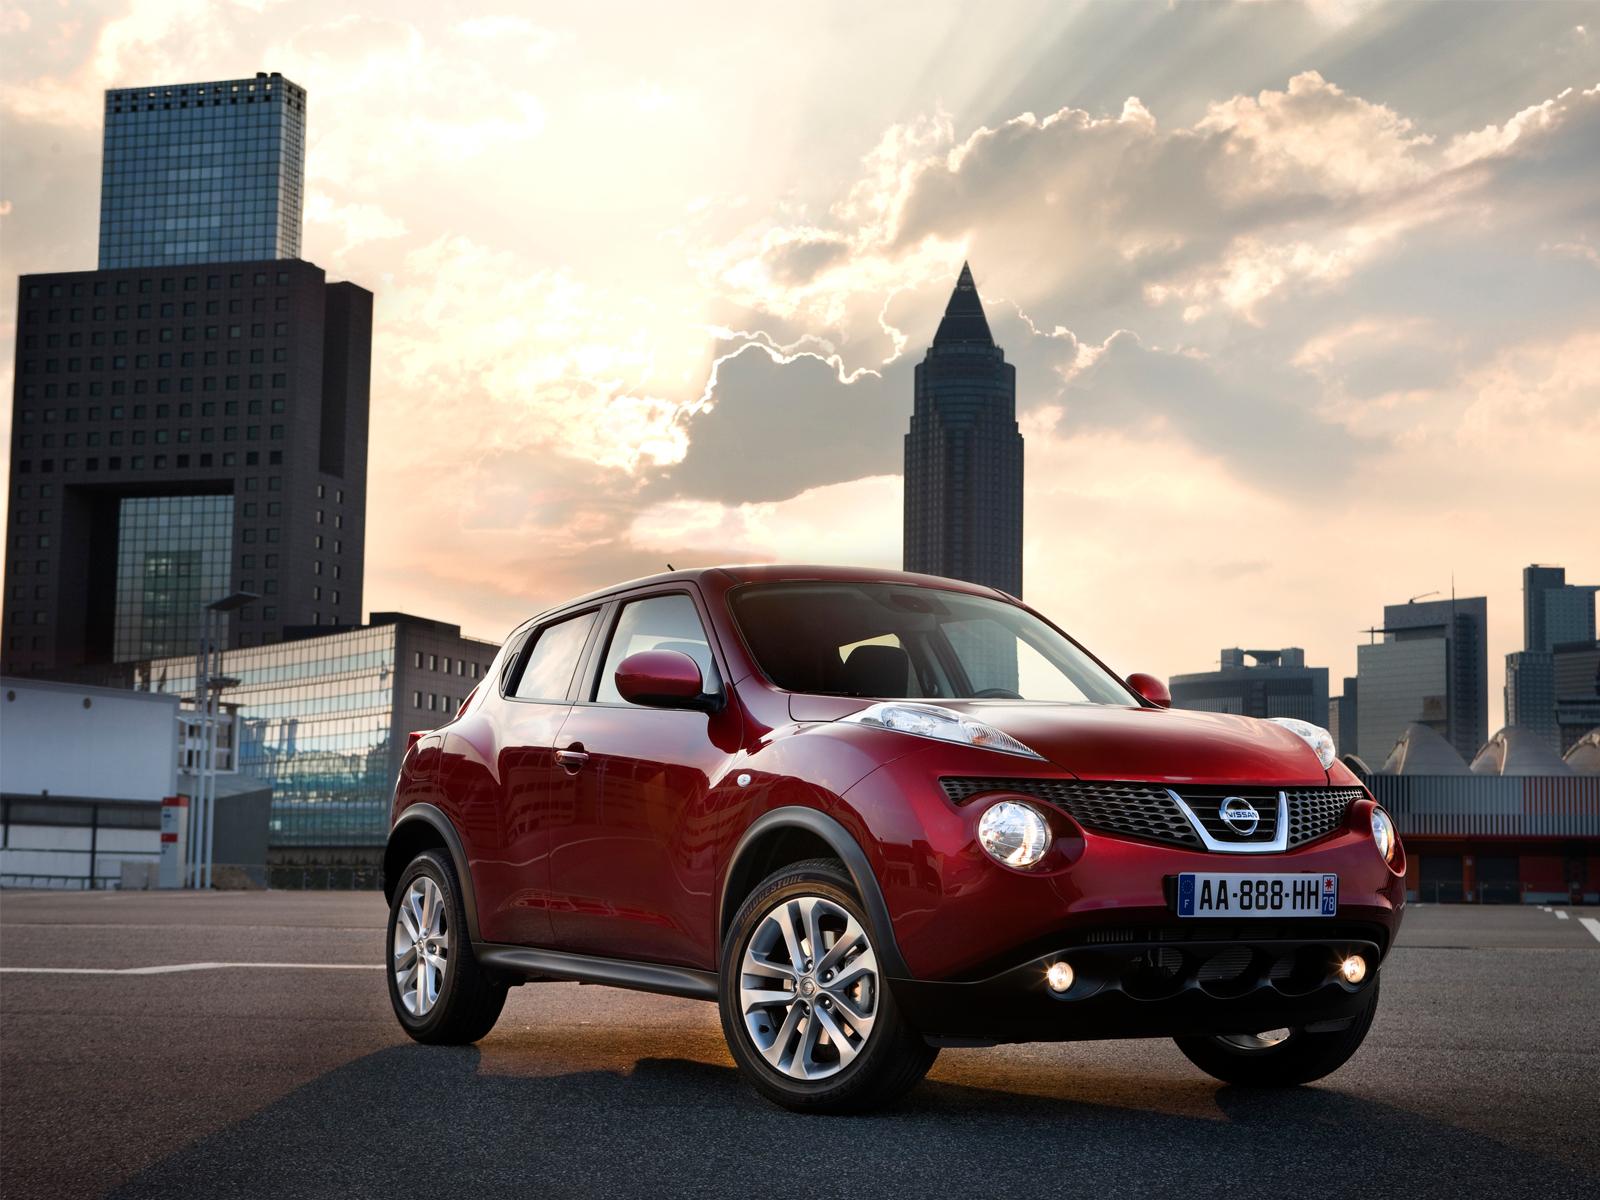 Фотографии Nissan Juke красный.